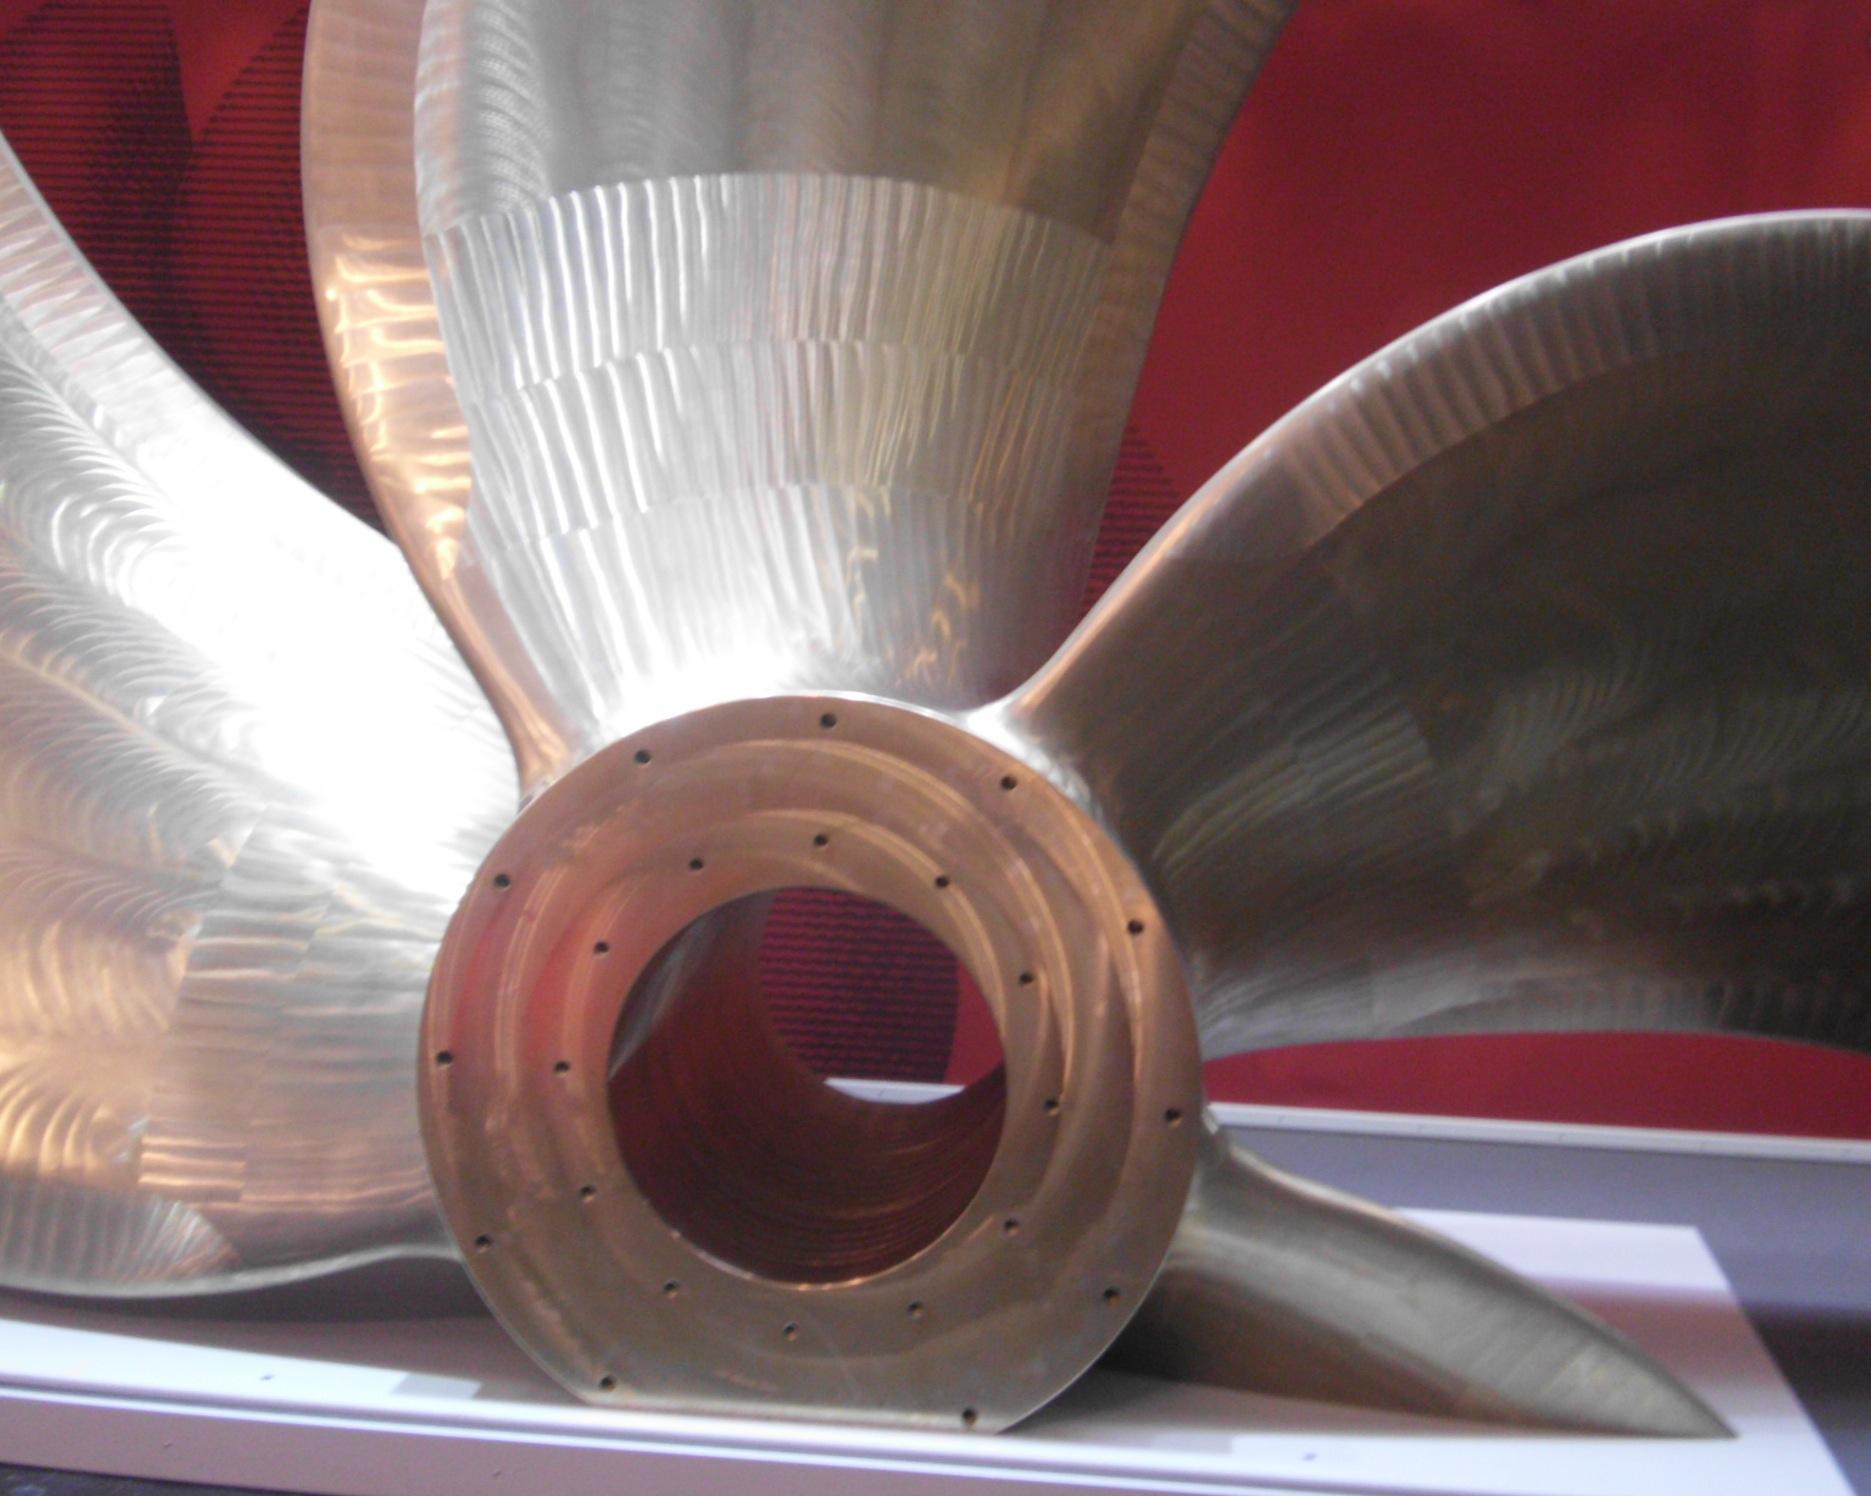 Seminar Rotordynamik – Schwingungen in rotierenden Maschinenteilen: jetzt geht's  rund!